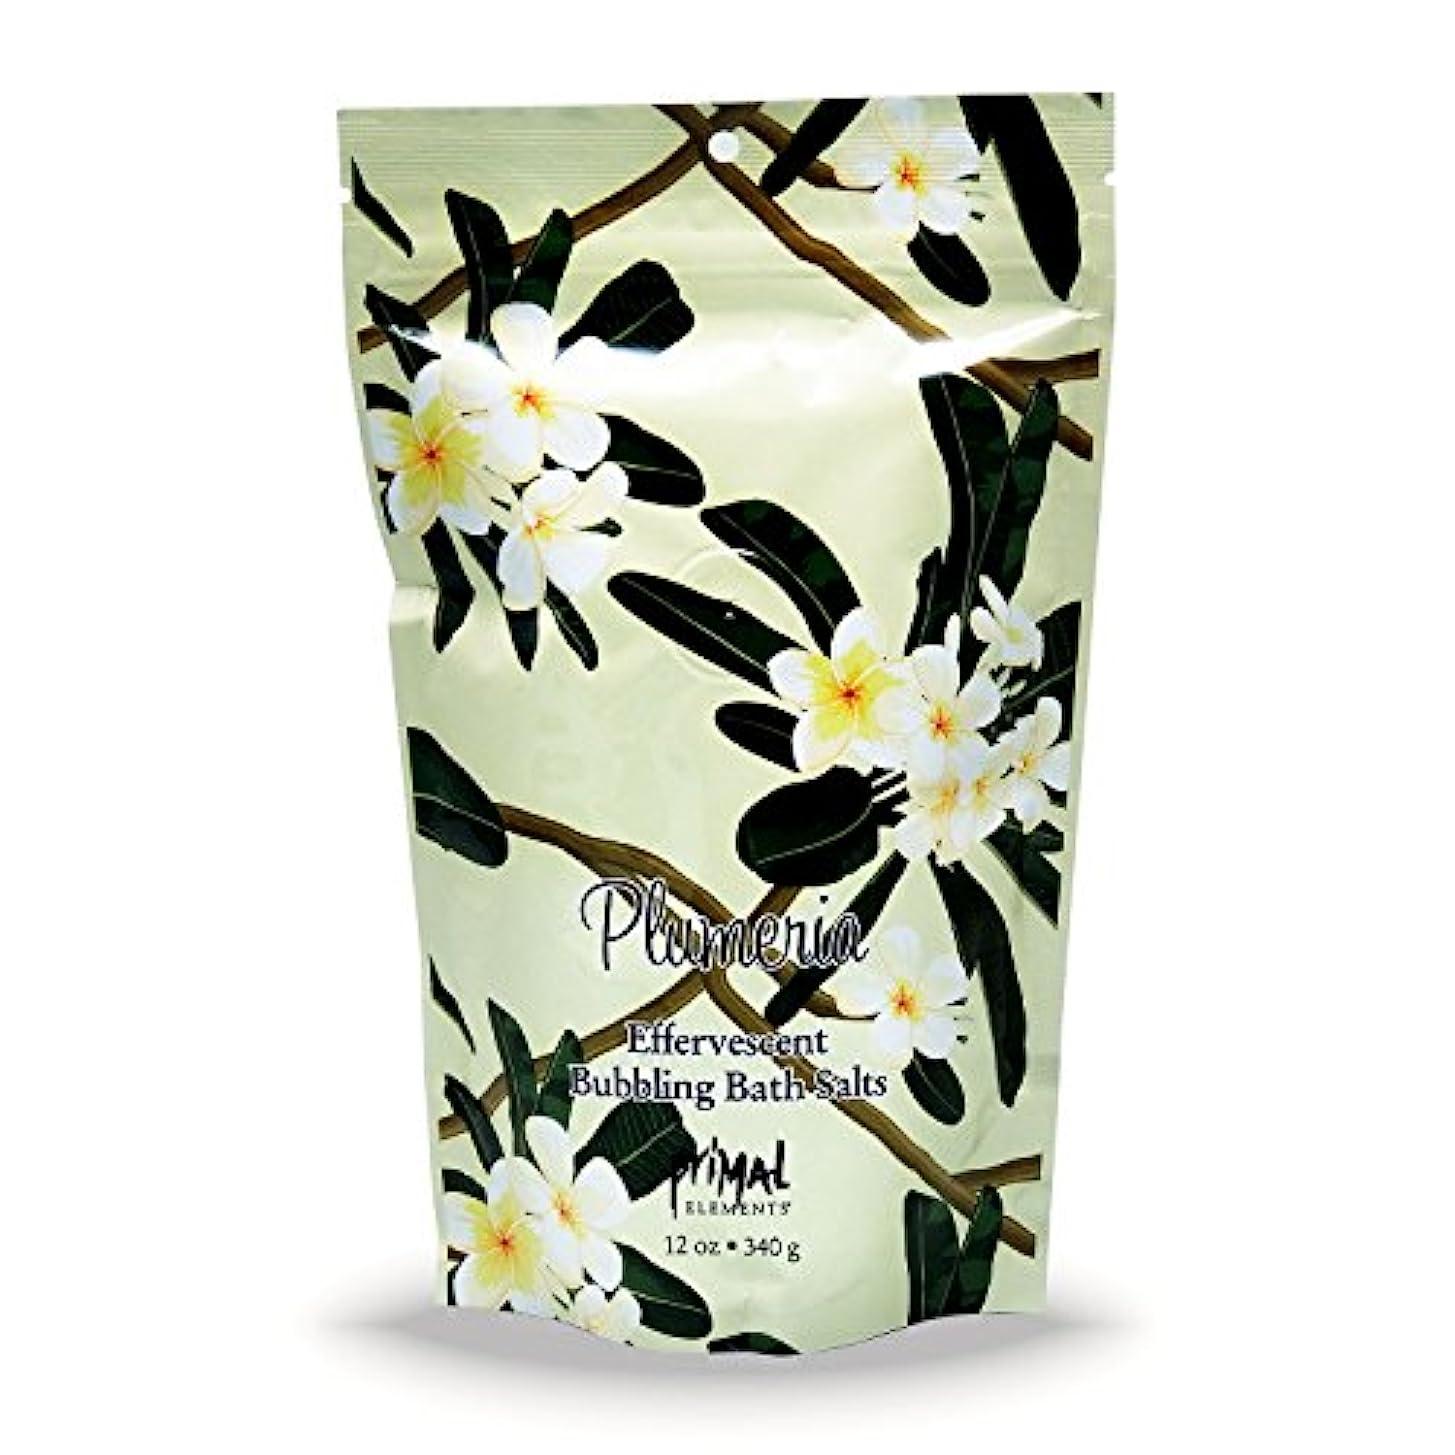 プライモールエレメンツ バブリング バスソルト/プルメリア 340g エプソムソルト含有 アロマの香りがひろがる泡立つ入浴剤